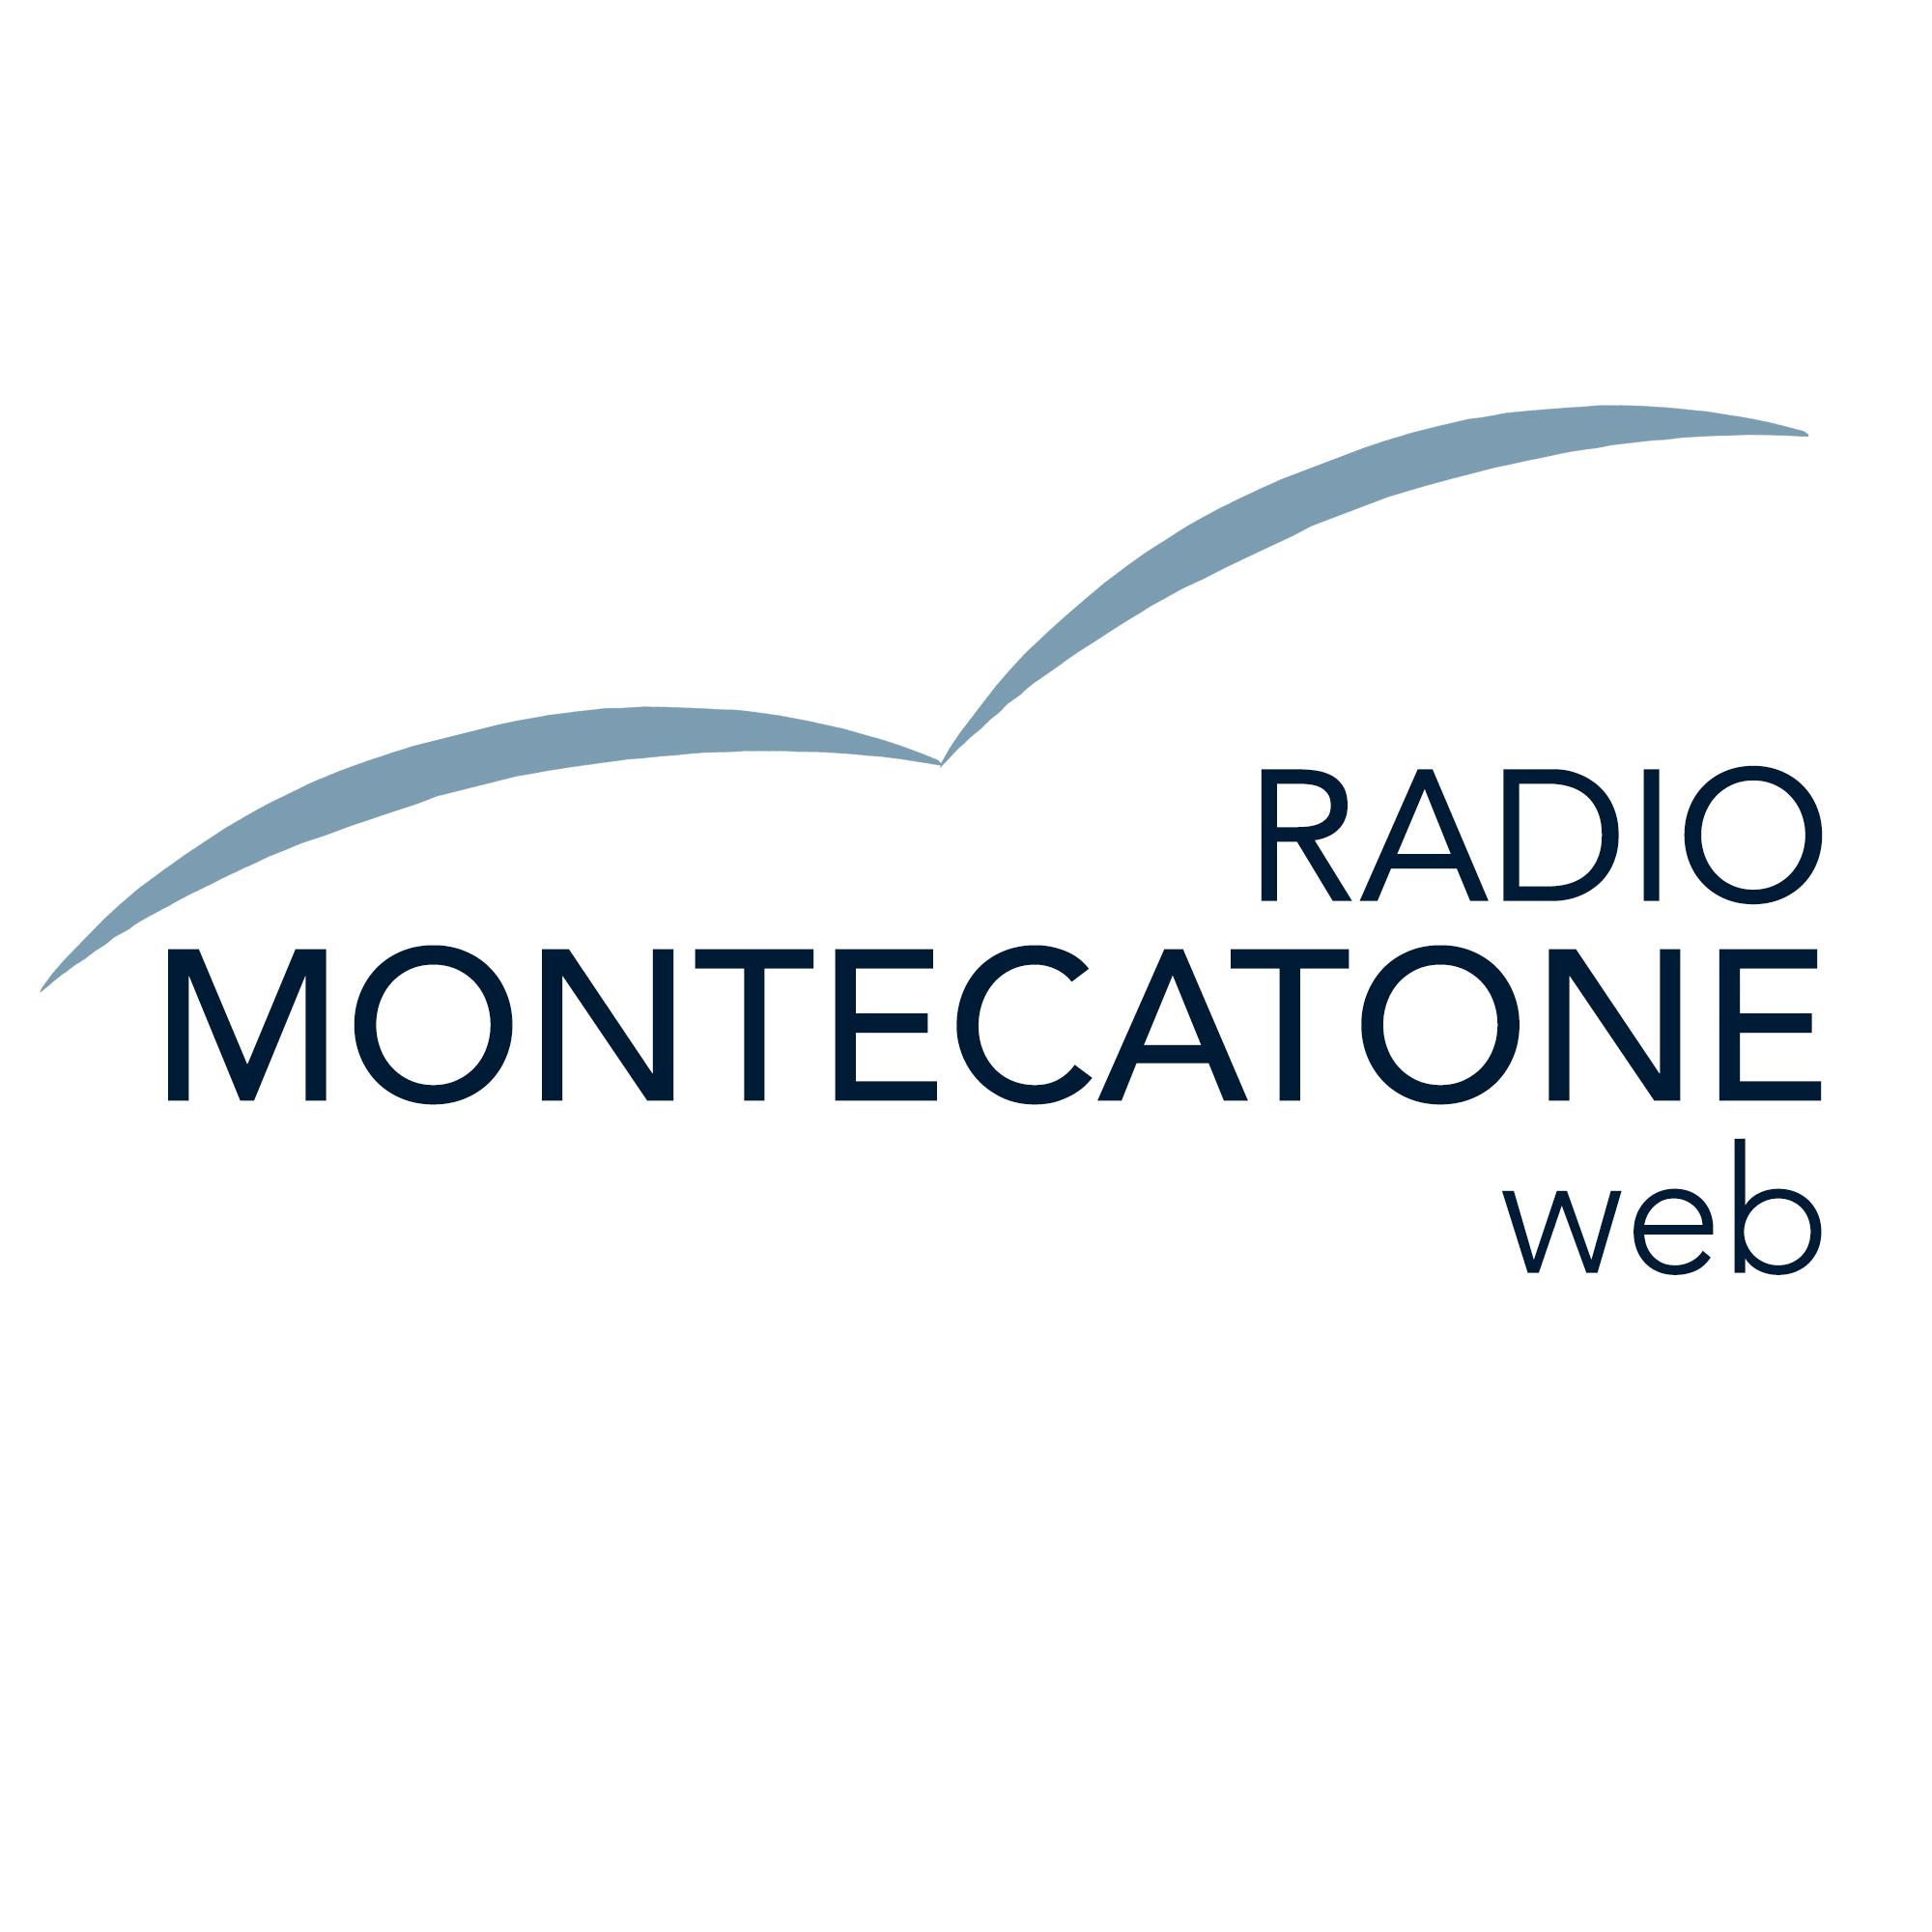 Radio Montecatone Web